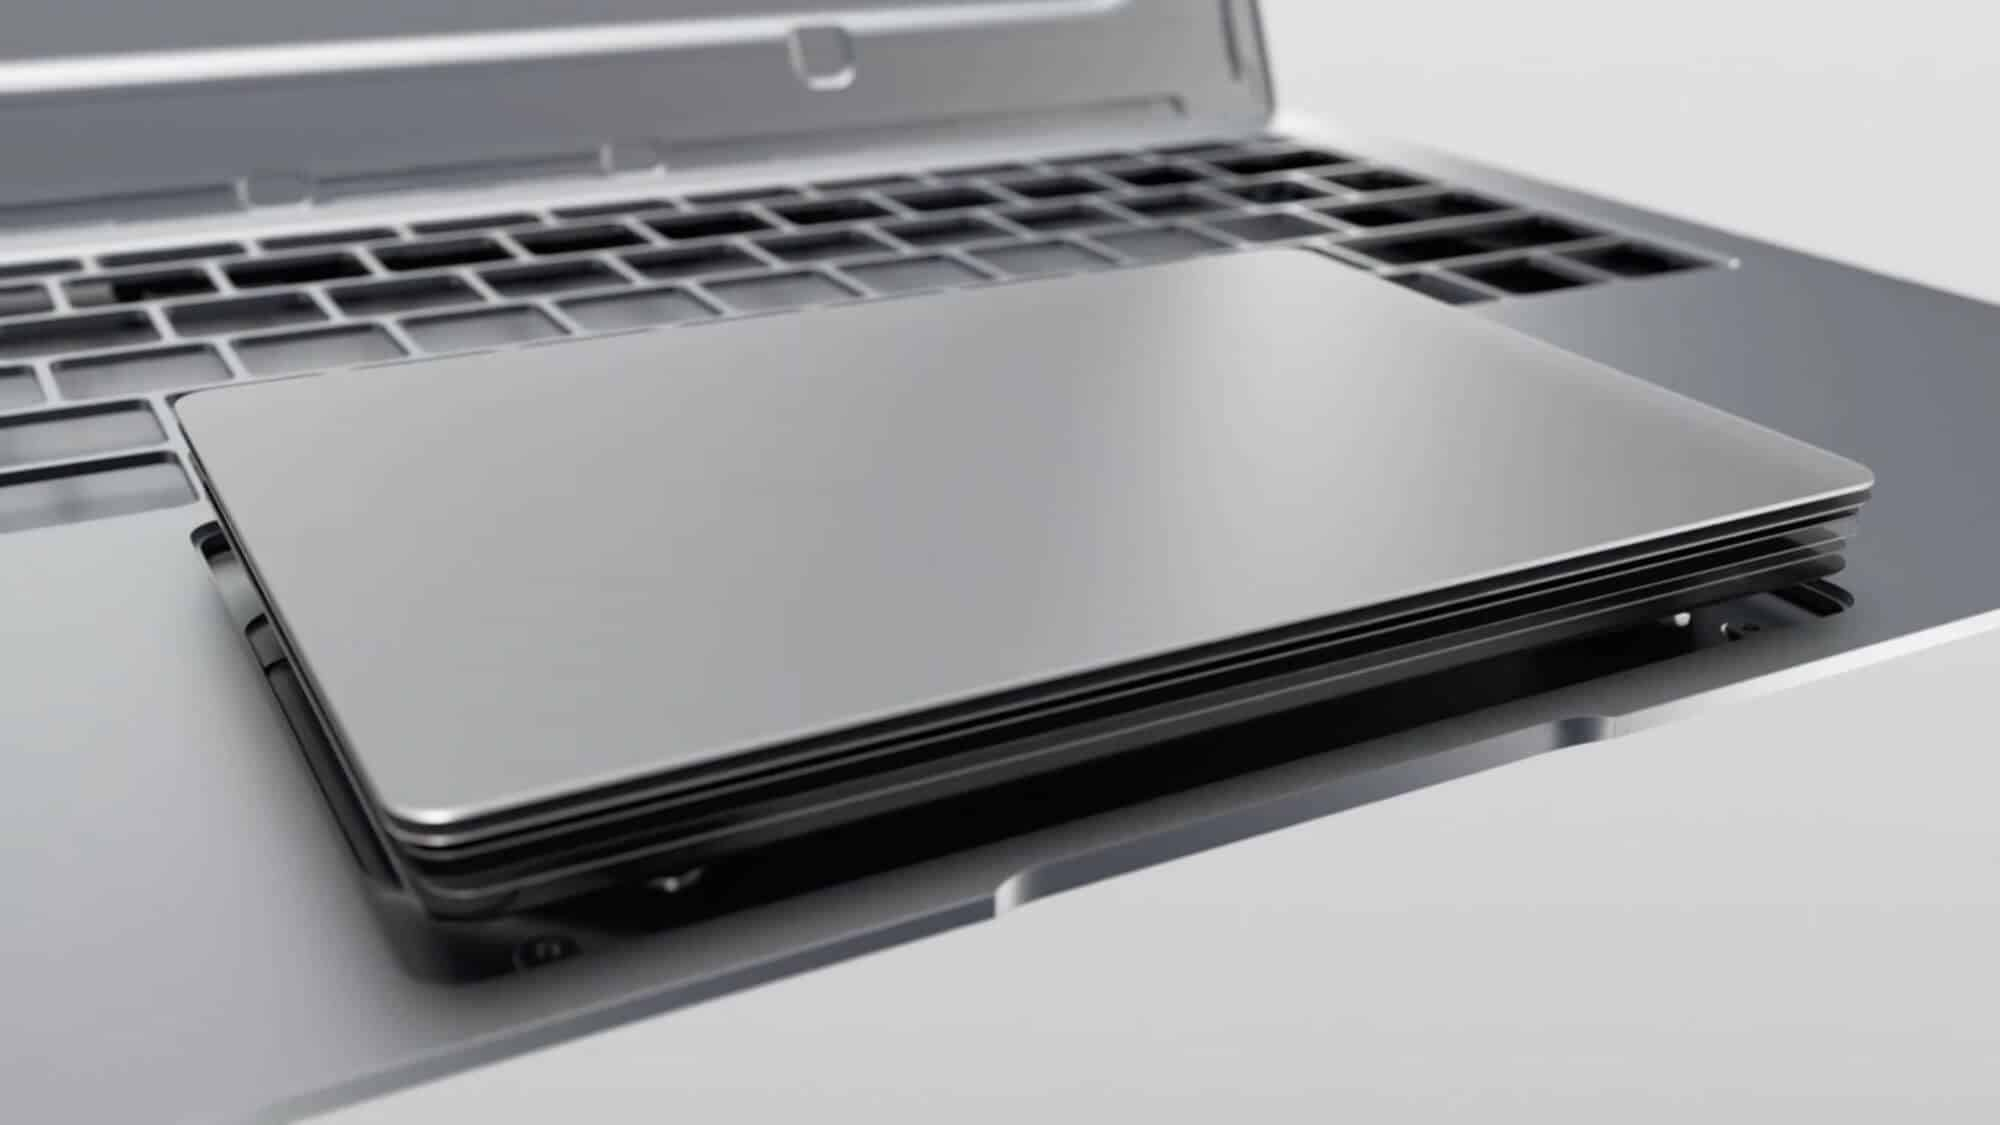 review macbook air 2018